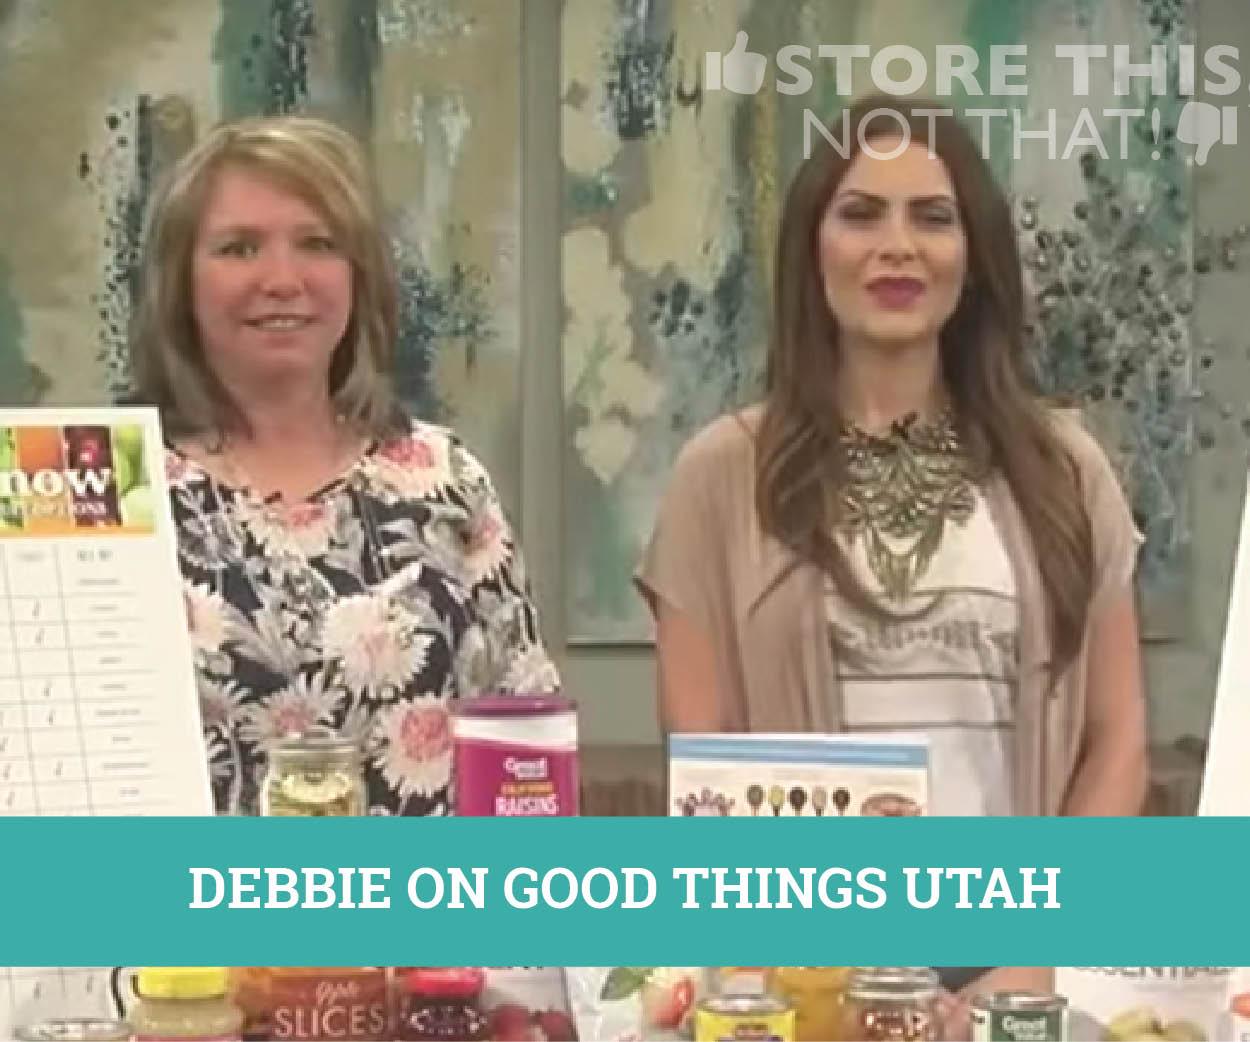 FRUITS AND VEGETABLES GOOD THINGS UTAH